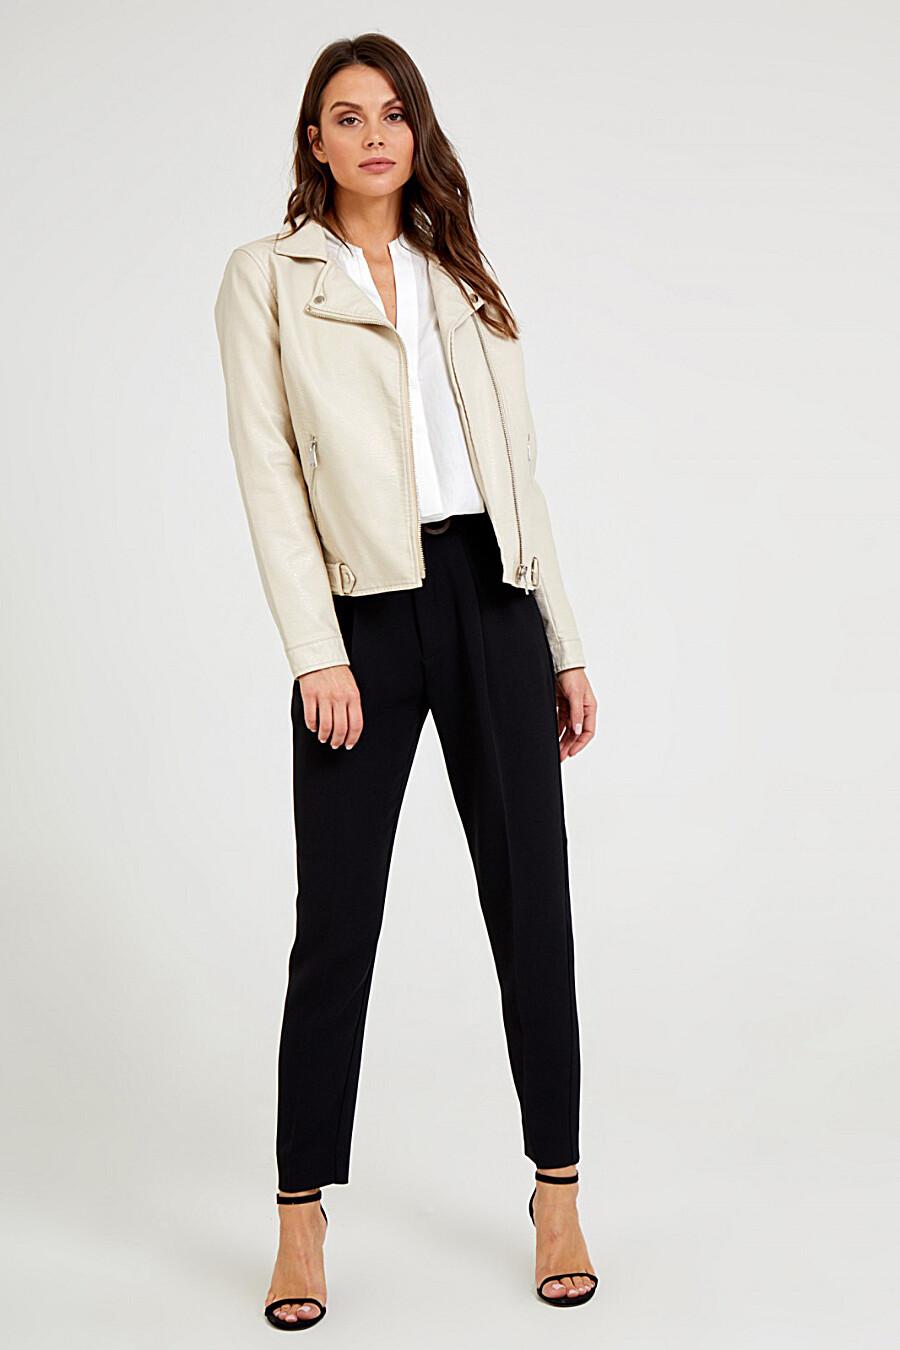 Куртка для женщин TOM FARR 184902 купить оптом от производителя. Совместная покупка женской одежды в OptMoyo